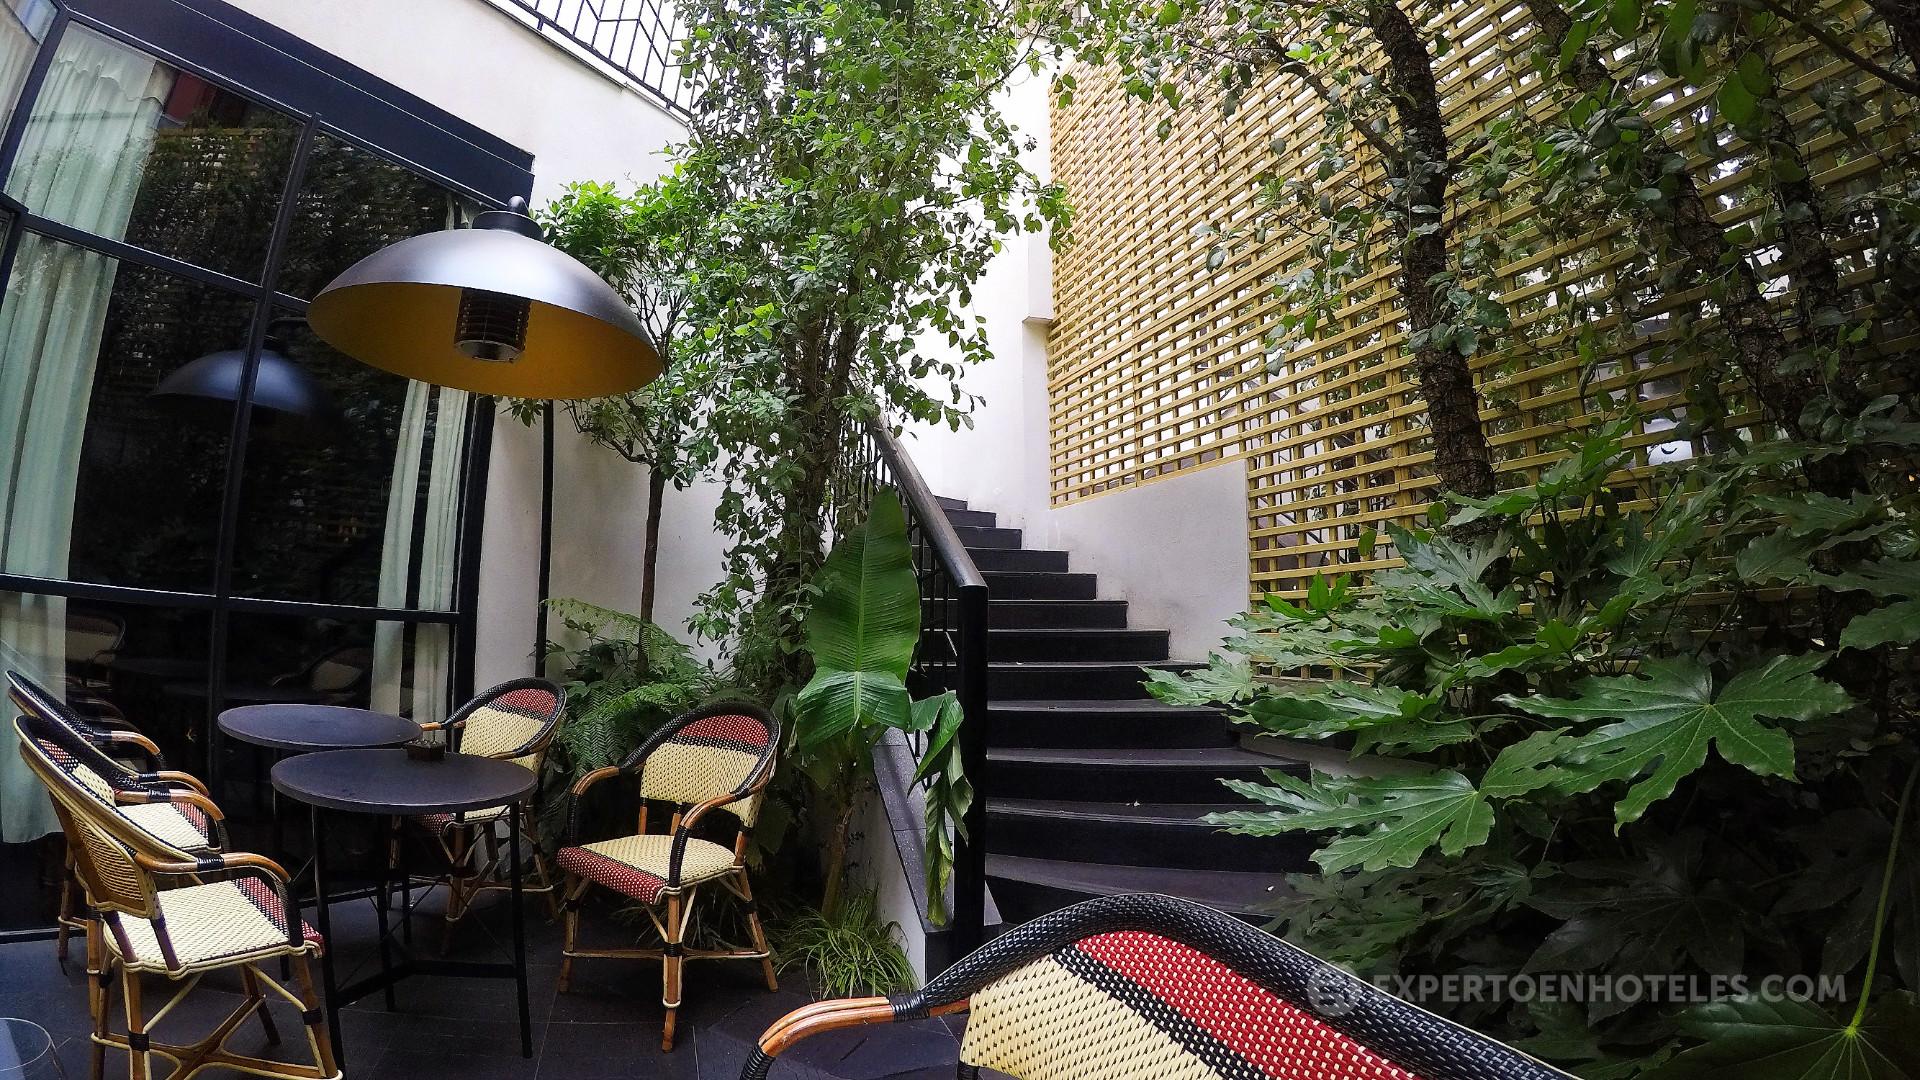 Cr tica le roch hotel spa un hotel boutique brillante for Hoteles diseno paris